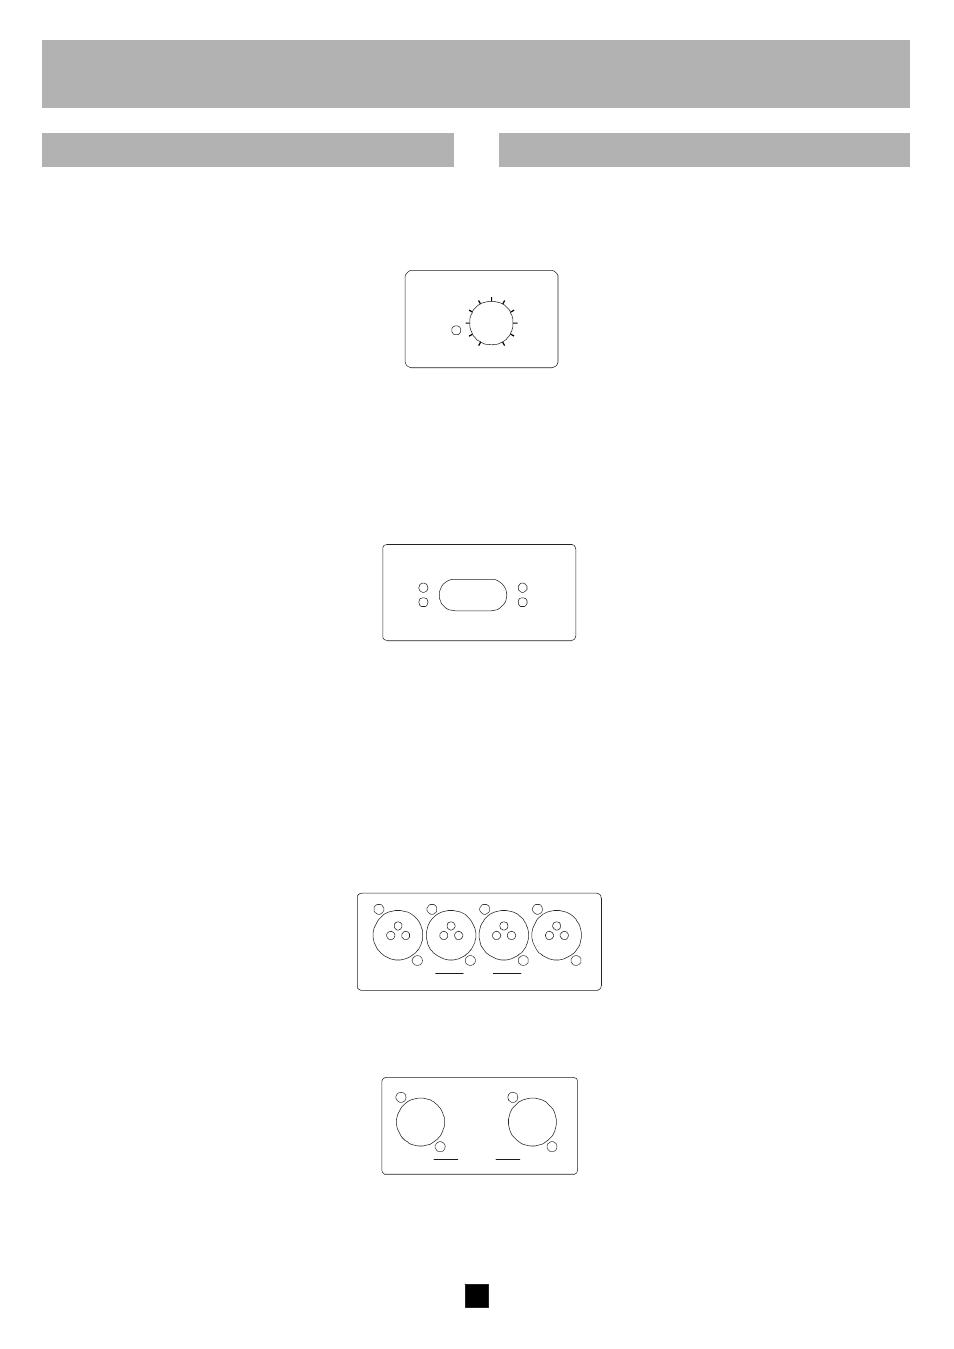 Italiano English Descrizione Comandi Controls Description Fbt